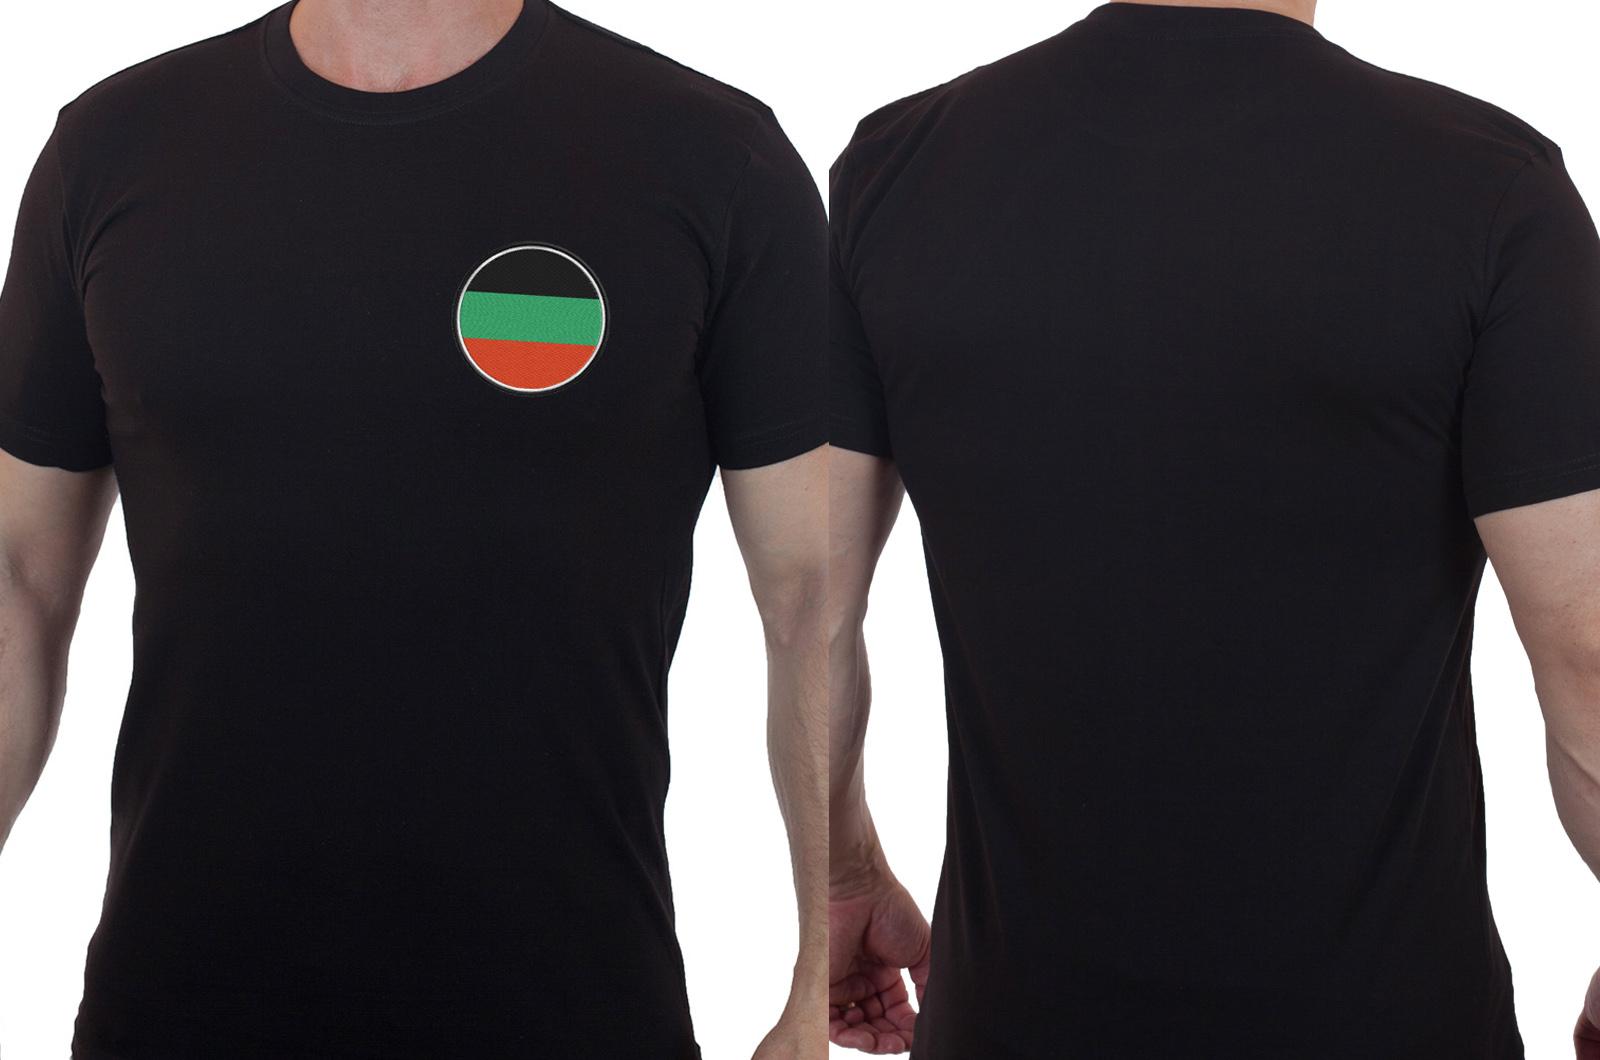 Мужская черная футболка с вышитым шевроном казака Терского войска - купить онлайн